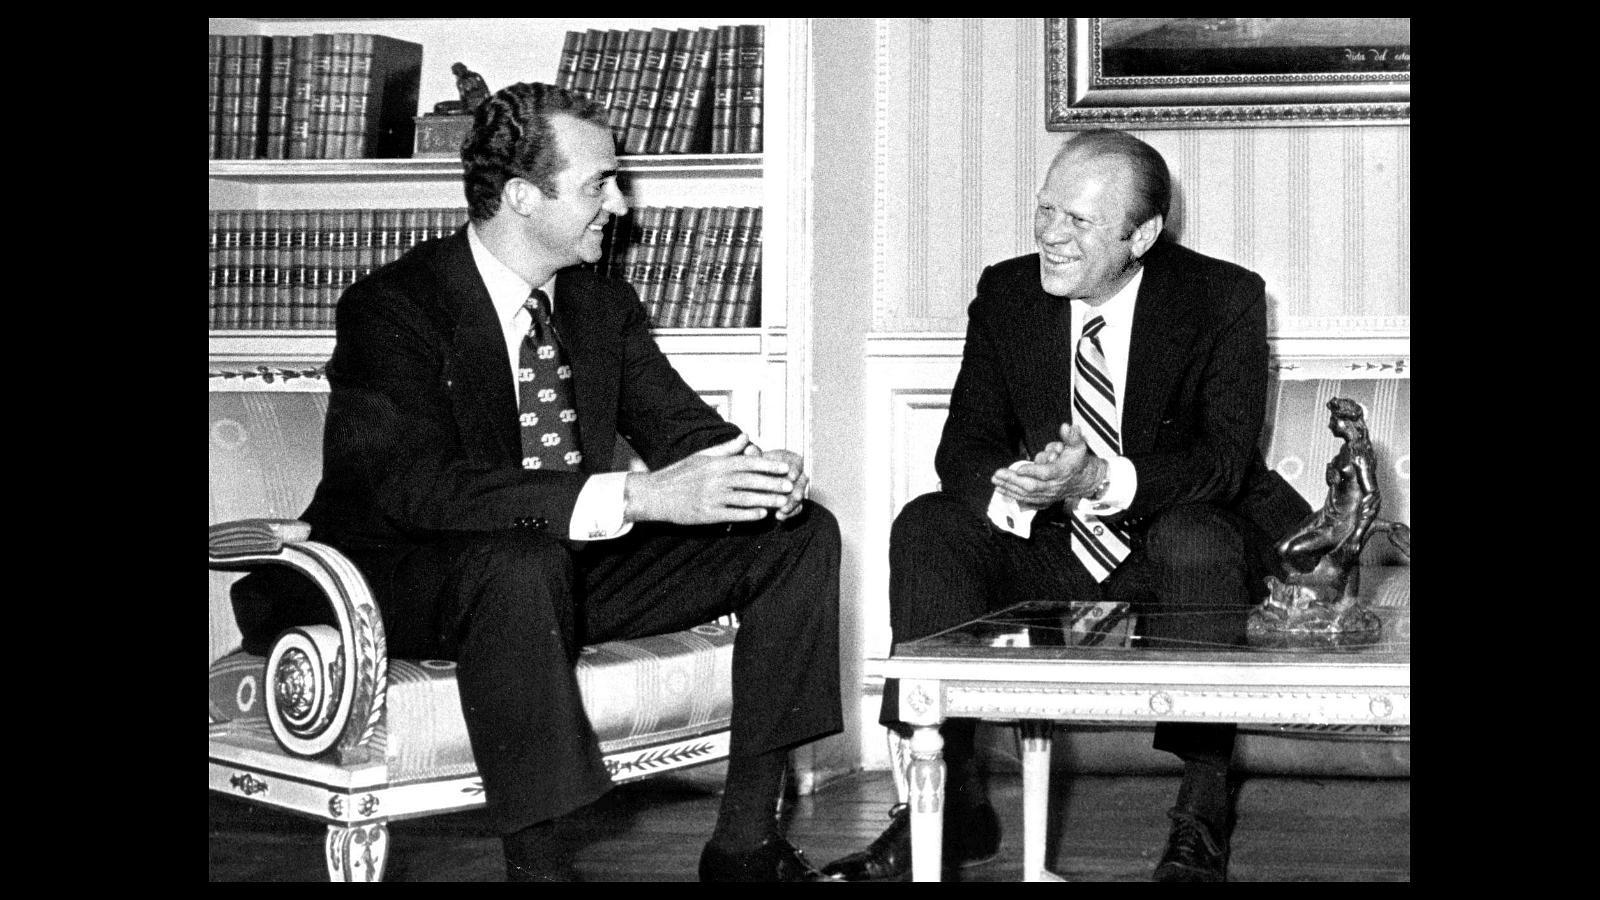 El primer presidente de Estados Unidos con el que se reunió el Rey Don Juan Carlos fue Gerald Ford, cuyo mandato abarcó desde 1974 a 1977